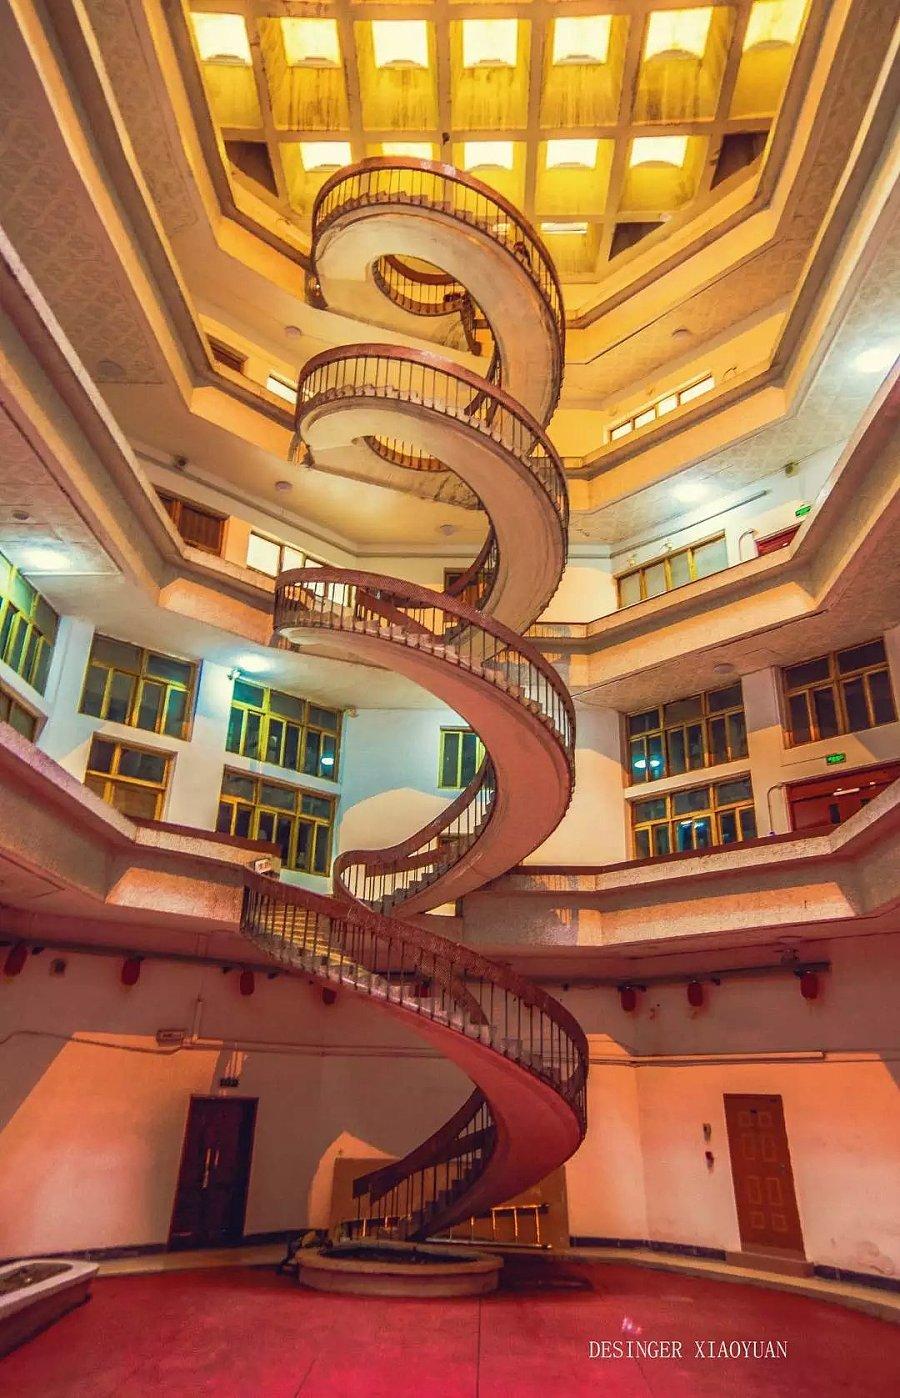 河海大学图书馆看到风光|楼梯|v风光|懒懒de天搞笑图片群q里旋转的图片